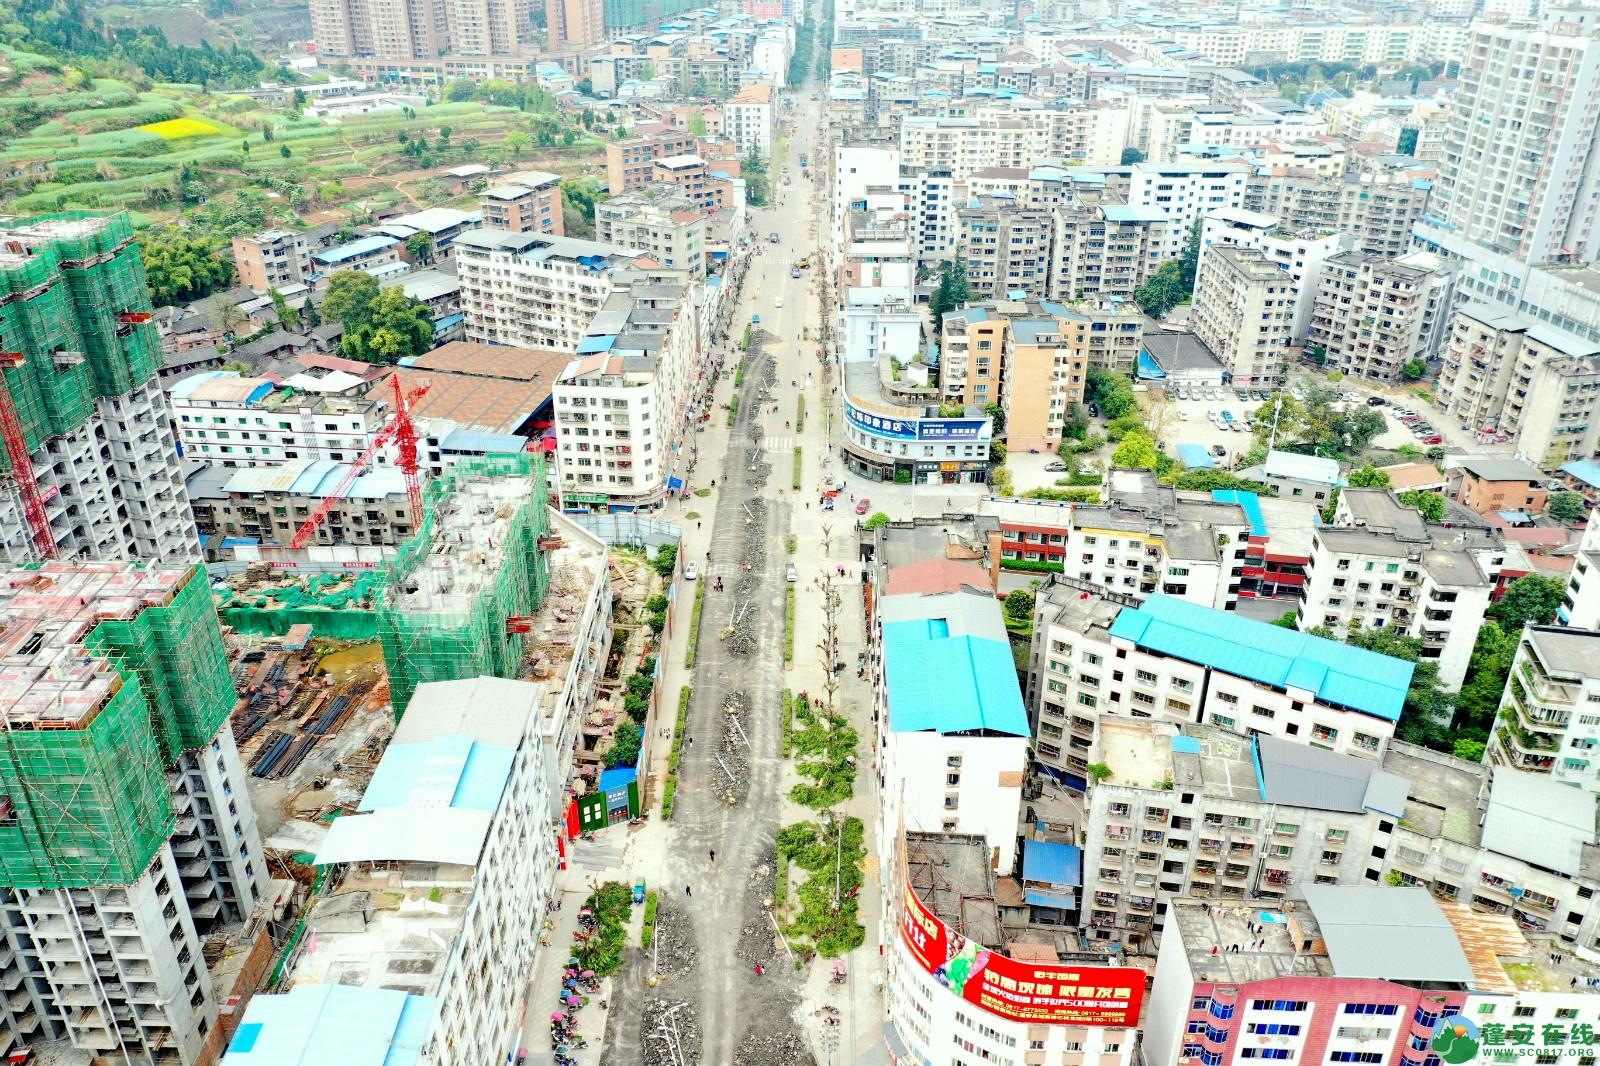 蓬安建设南路老旧街道小区美化改造(2020.3.22) - 第10张  | 蓬安在线